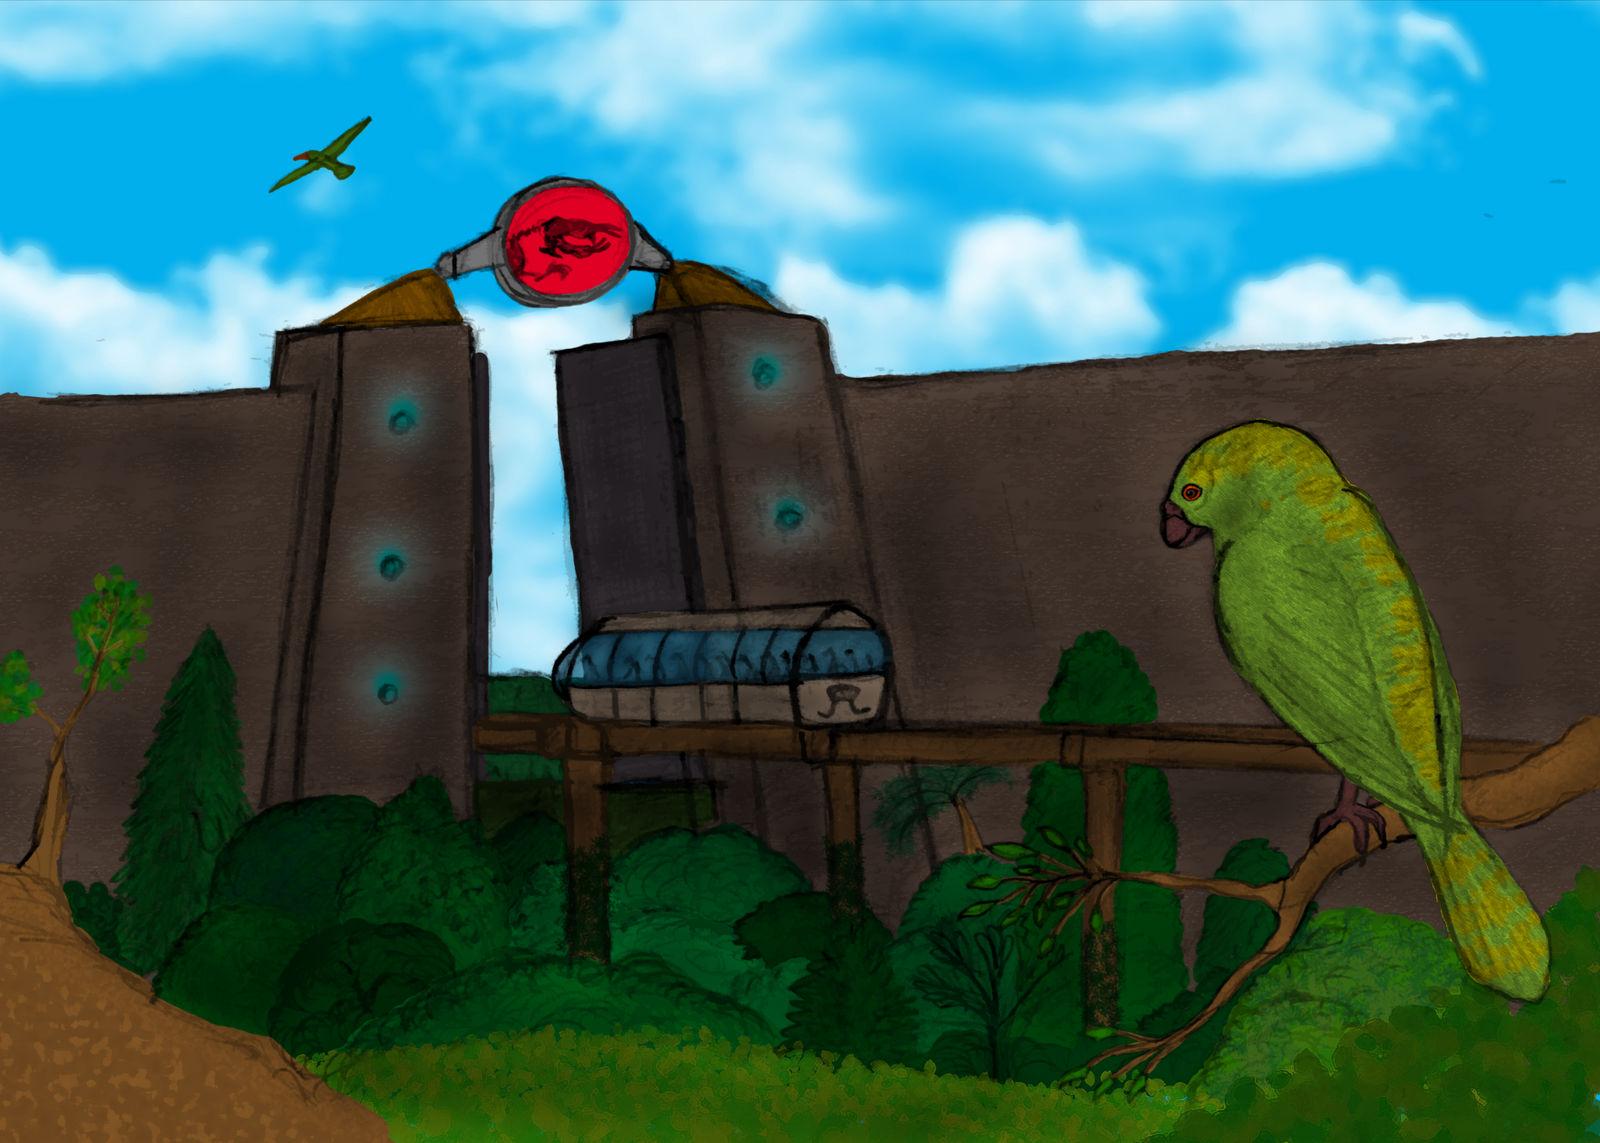 Holocene Park Welcome_to_holocene_park_by_dragonthunders_d9b4yvd-fullview.jpg?token=eyJ0eXAiOiJKV1QiLCJhbGciOiJIUzI1NiJ9.eyJzdWIiOiJ1cm46YXBwOiIsImlzcyI6InVybjphcHA6Iiwib2JqIjpbW3siaGVpZ2h0IjoiPD0xMTQzIiwicGF0aCI6IlwvZlwvNGRiZWVmMDItN2Q5OS00OTEwLWI2ZWMtY2YzY2I0MjFjMGE3XC9kOWI0eXZkLTViYjZmOWQyLTY3MDktNGJiYi04ZWExLTFkZDlkYjJlYWMzMS5wbmciLCJ3aWR0aCI6Ijw9MTYwMCJ9XV0sImF1ZCI6WyJ1cm46c2VydmljZTppbWFnZS5vcGVyYXRpb25zIl19